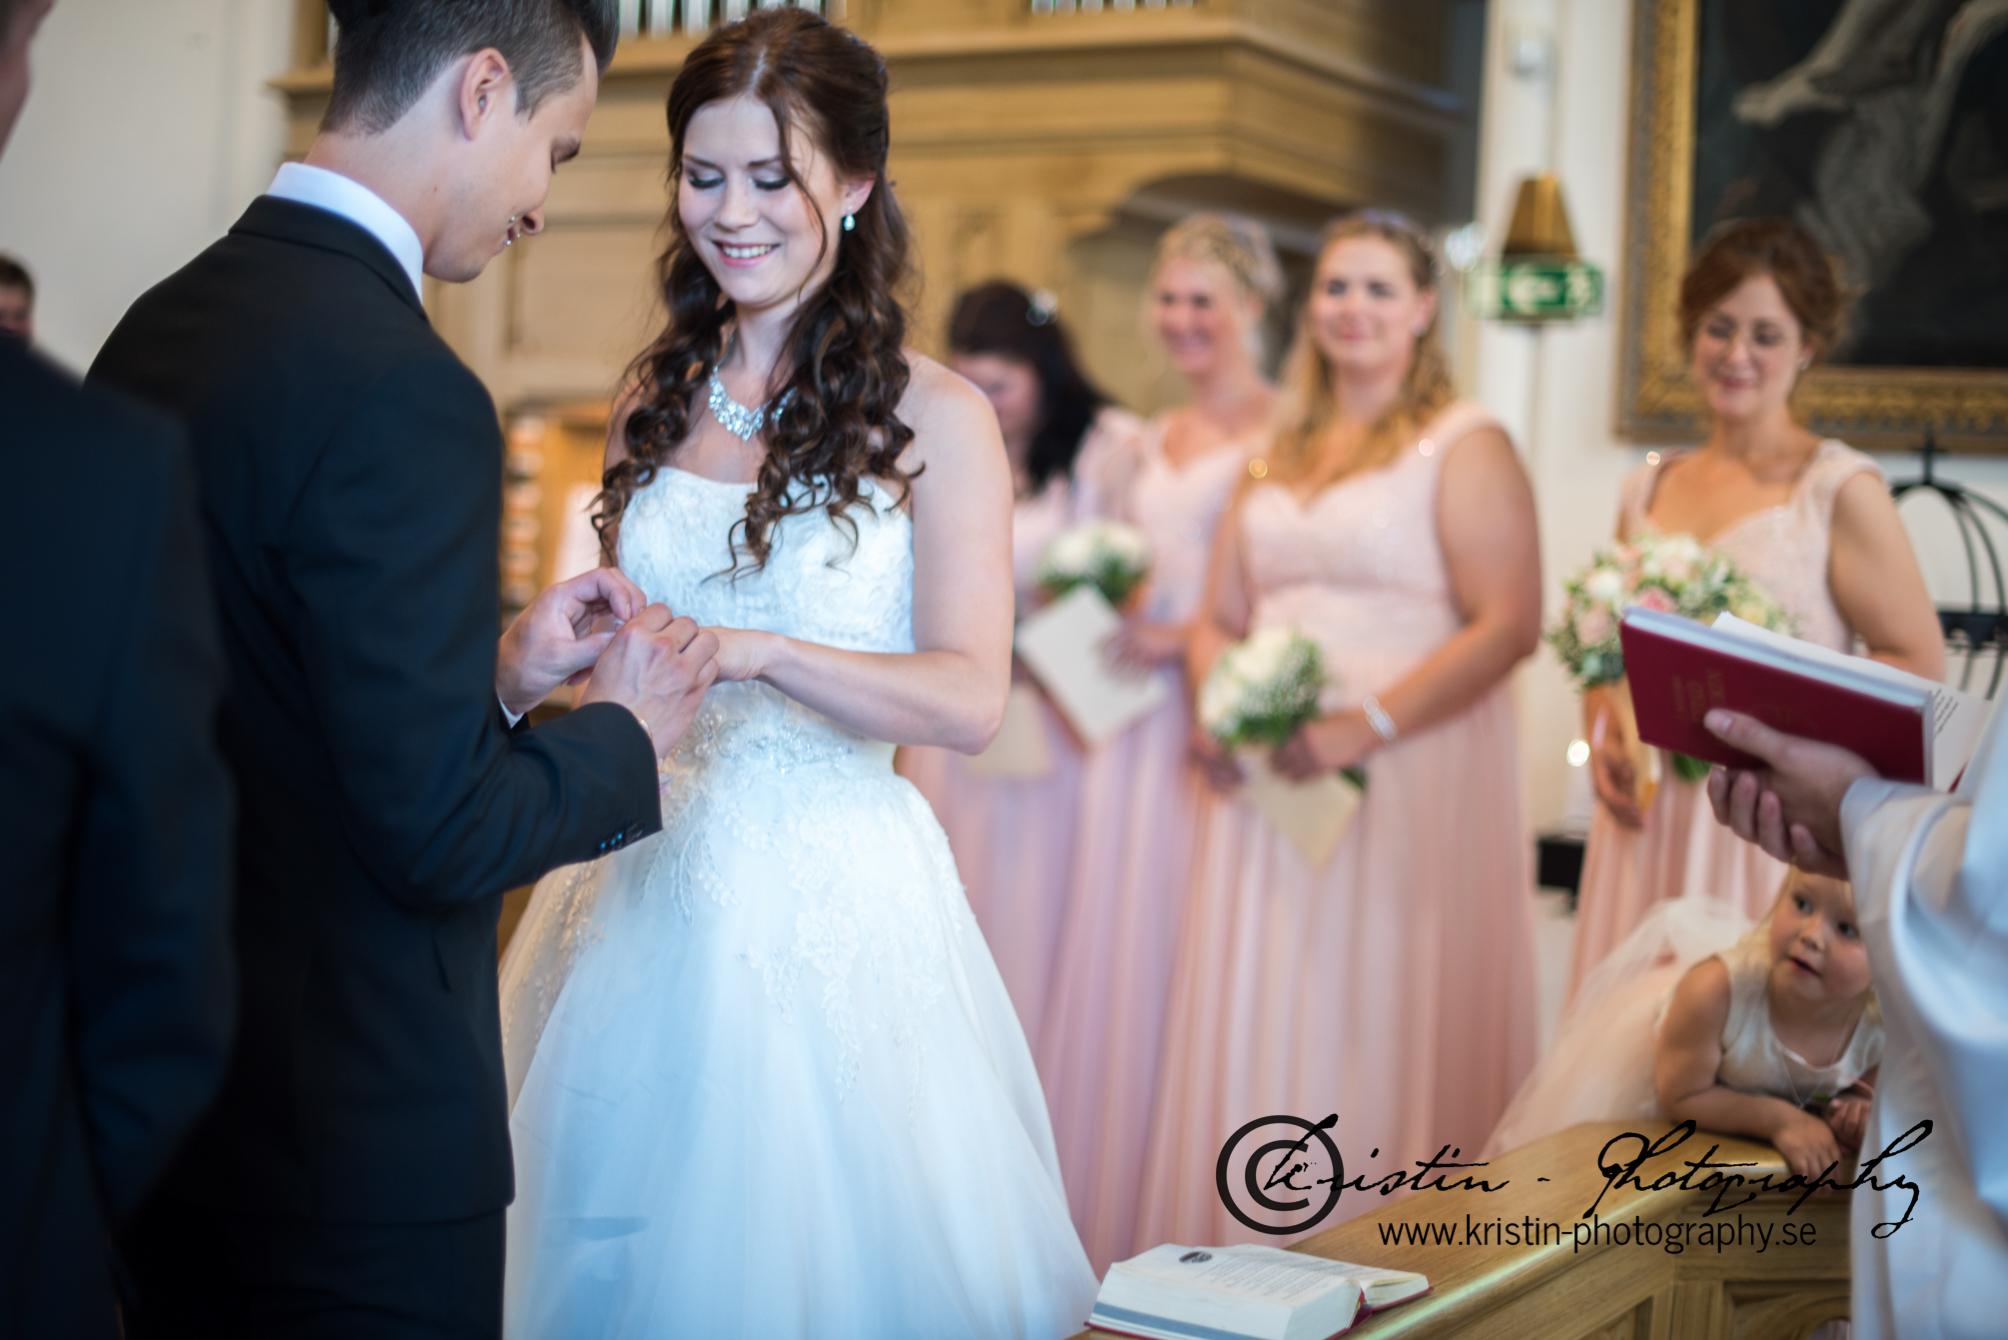 Bröllopsfotograf i Eskilstuna, Kristin - Photography, weddingphotographer -160.jpg